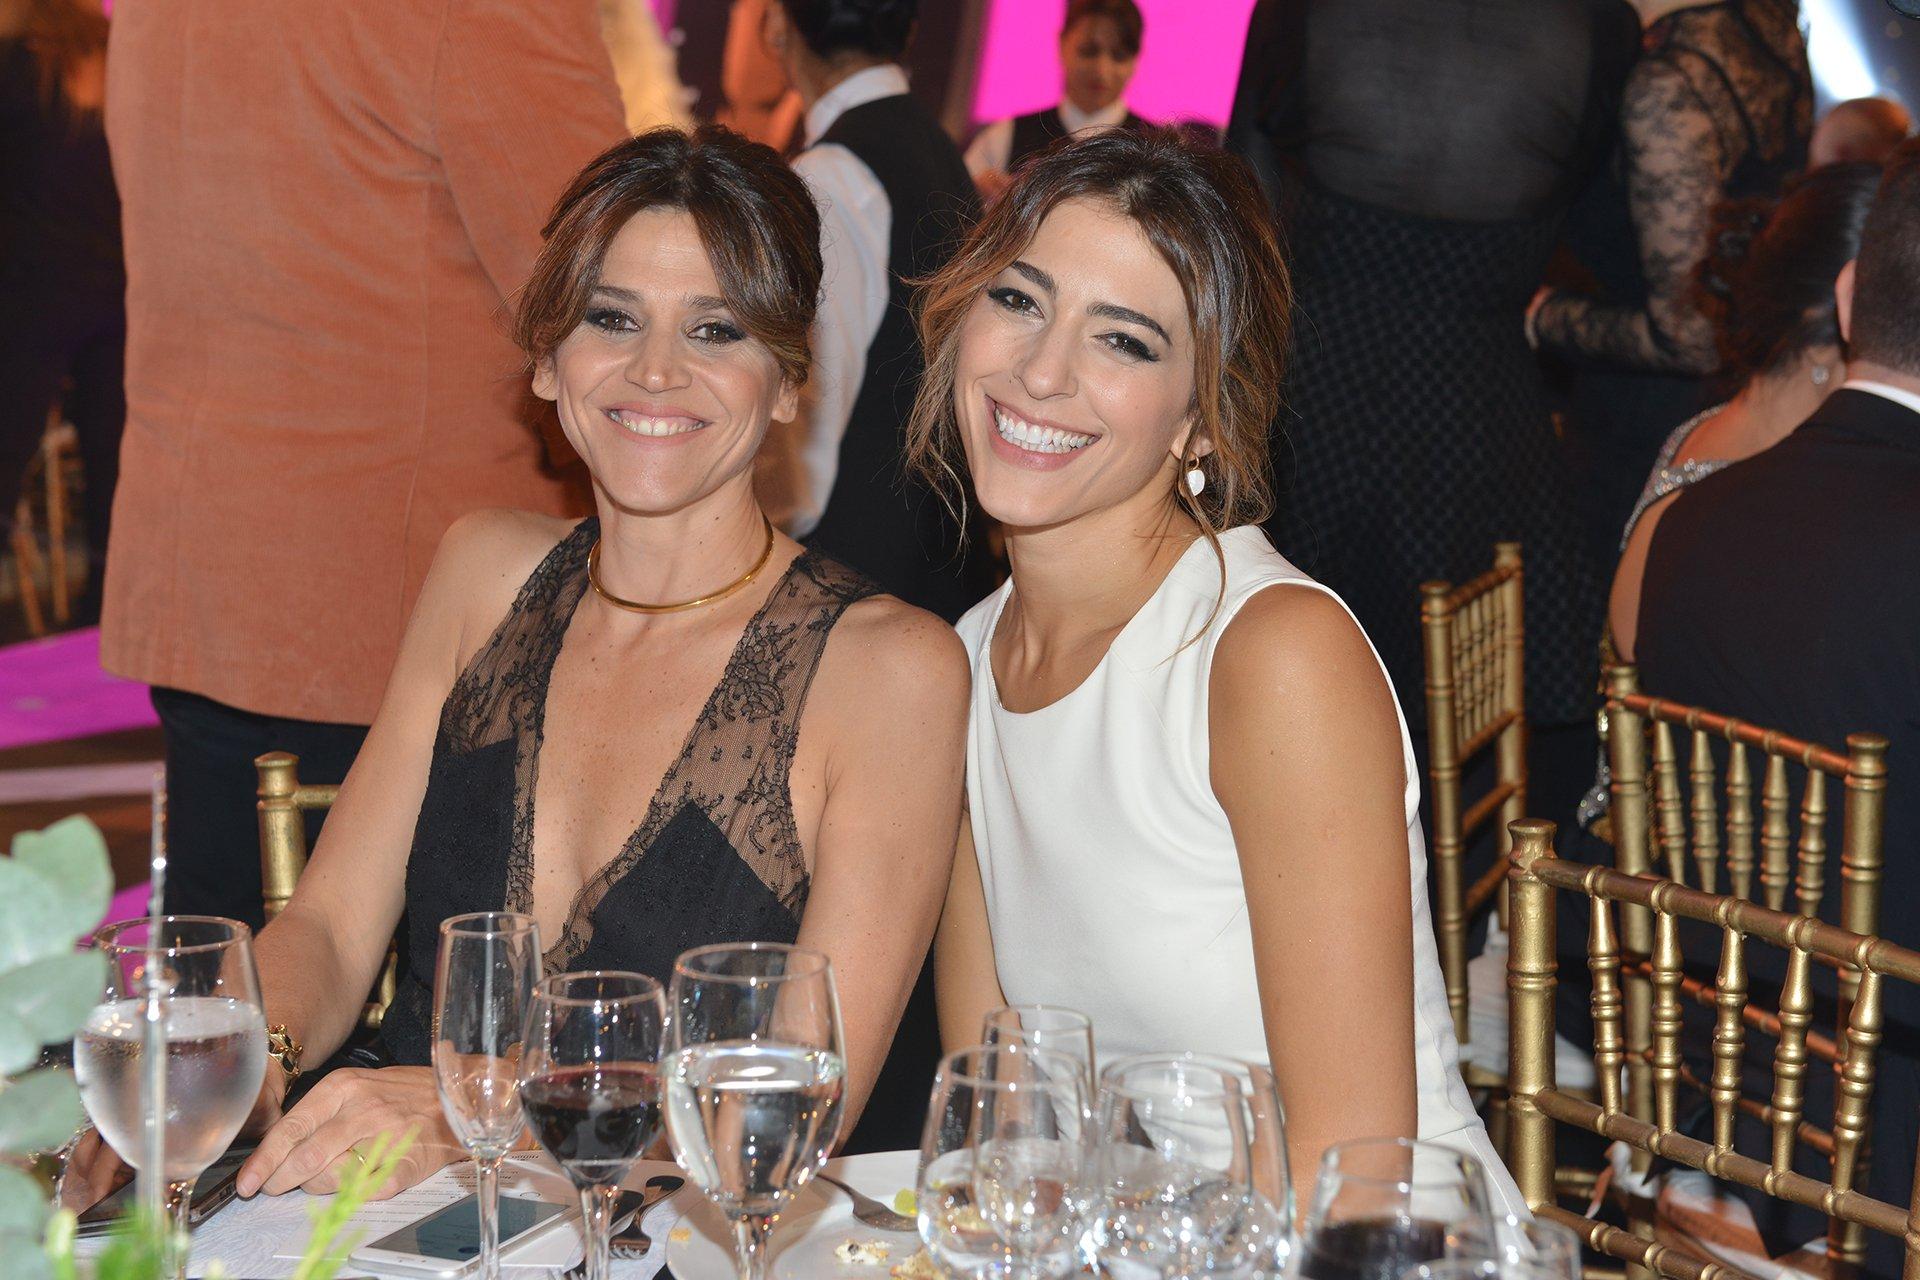 María Freites y Natalia Franzoni, del equipo de Desayuno Americano